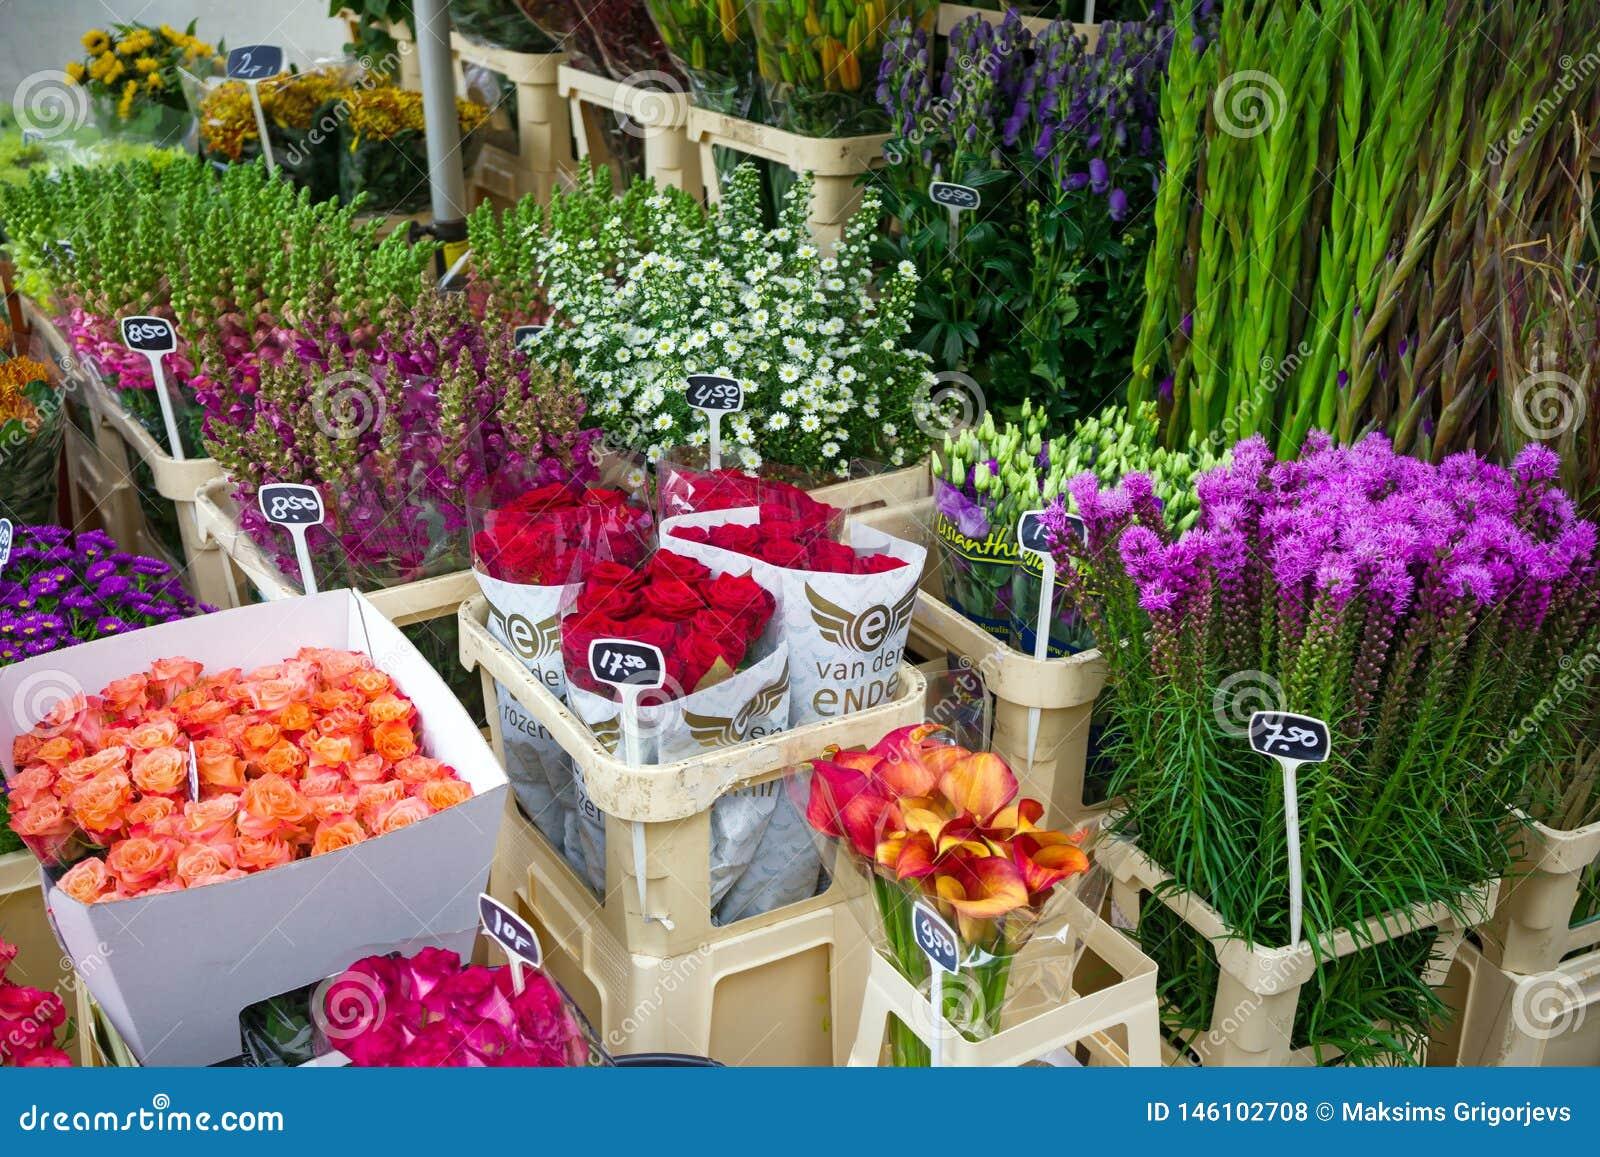 Flores en venta en un mercado holandés de la flor, Amsterdam, los Países Bajos, el 12 de octubre de 2017